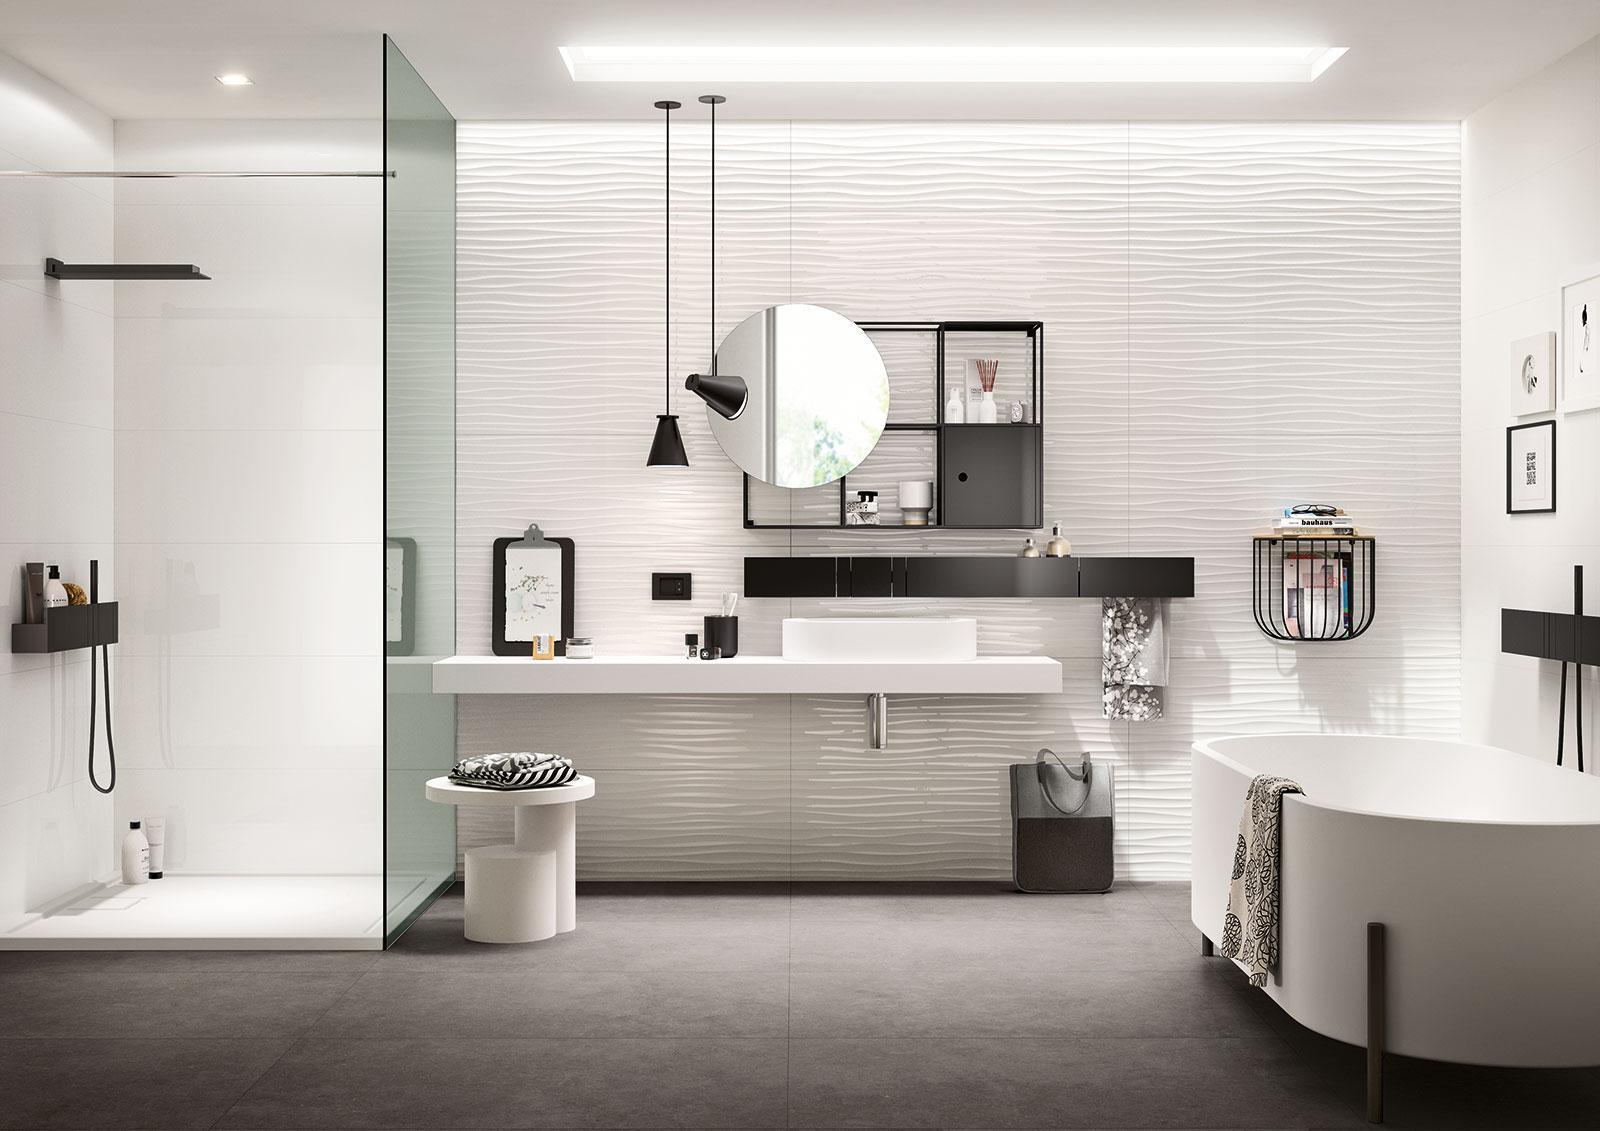 Bagni Piastrelle Bianche : Essenziale ceramica bianca per bagni marazzi